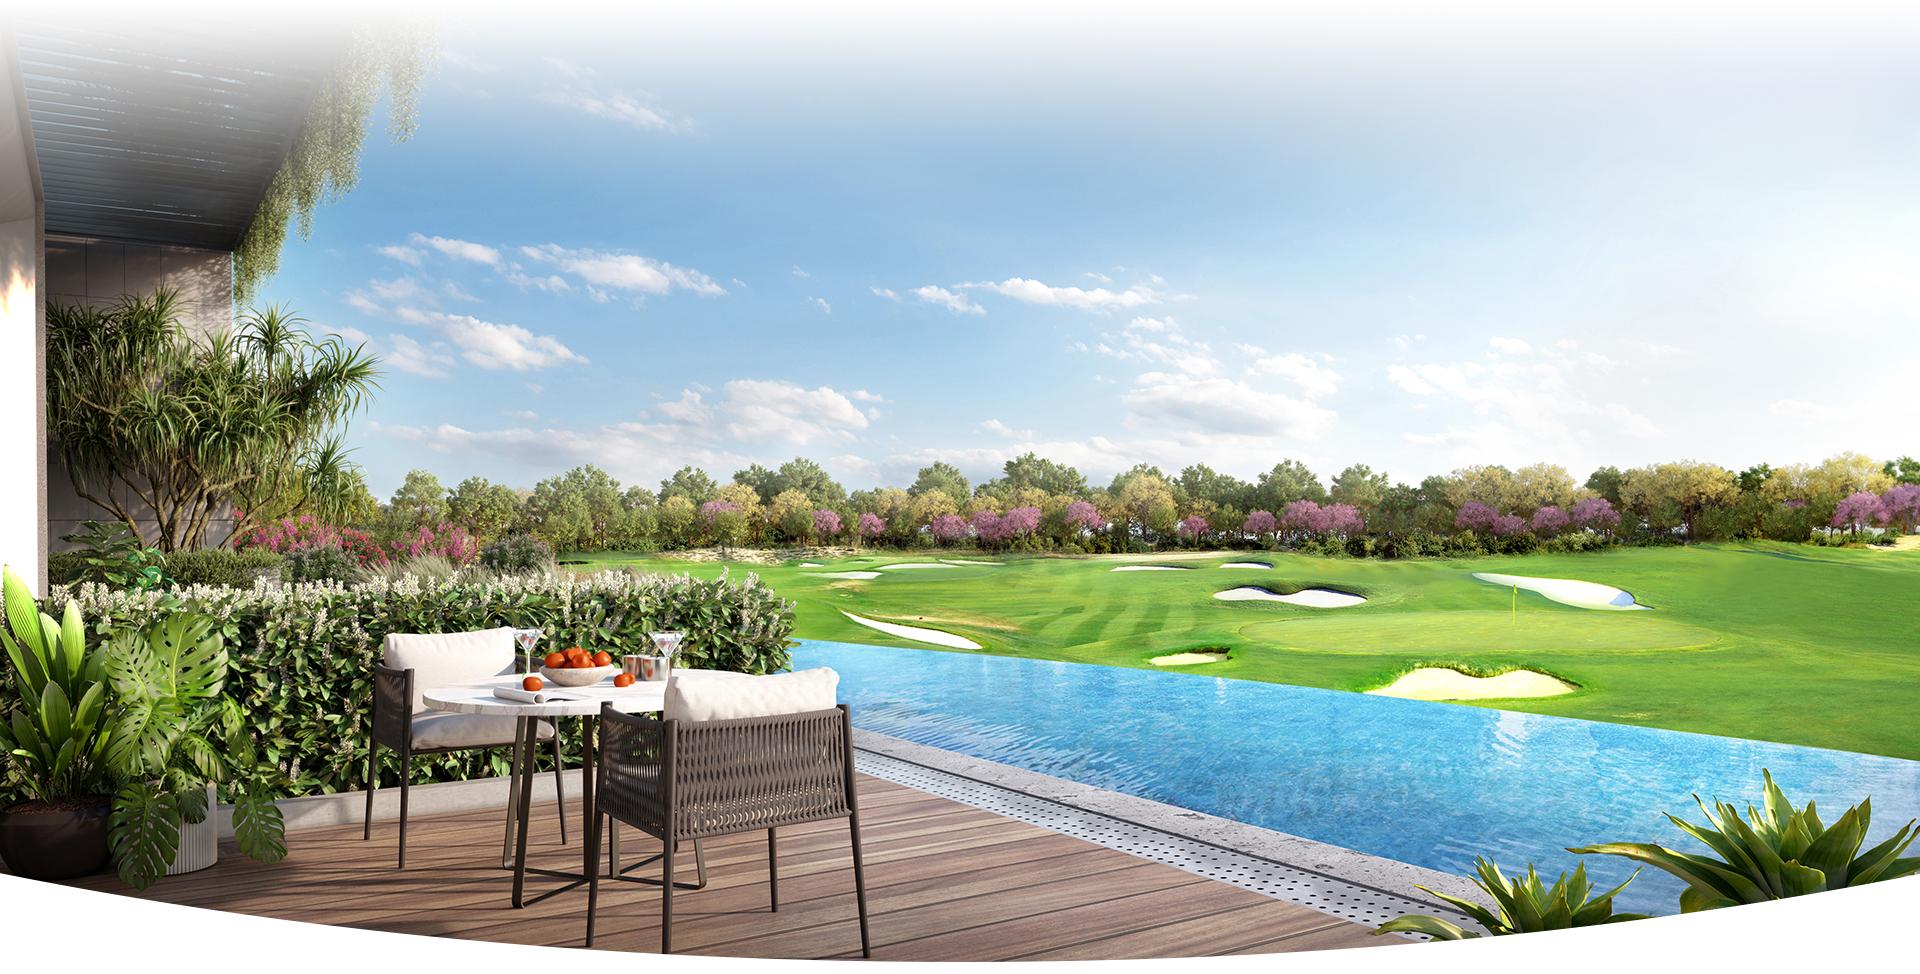 Biệt thự biển sân golf 2020 17